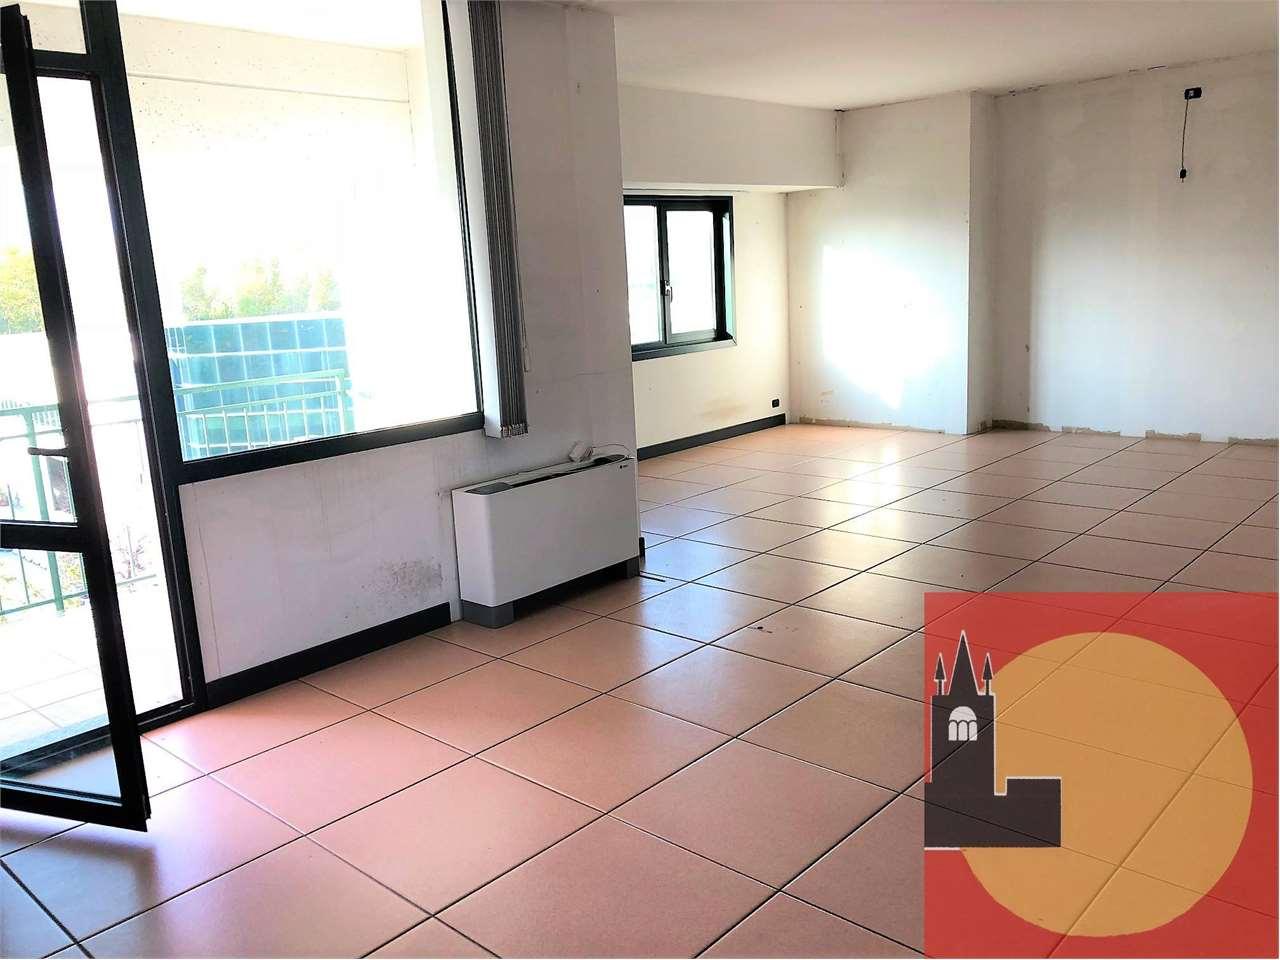 Ufficio / Studio in affitto a Avigliana, 1 locali, prezzo € 550 | PortaleAgenzieImmobiliari.it